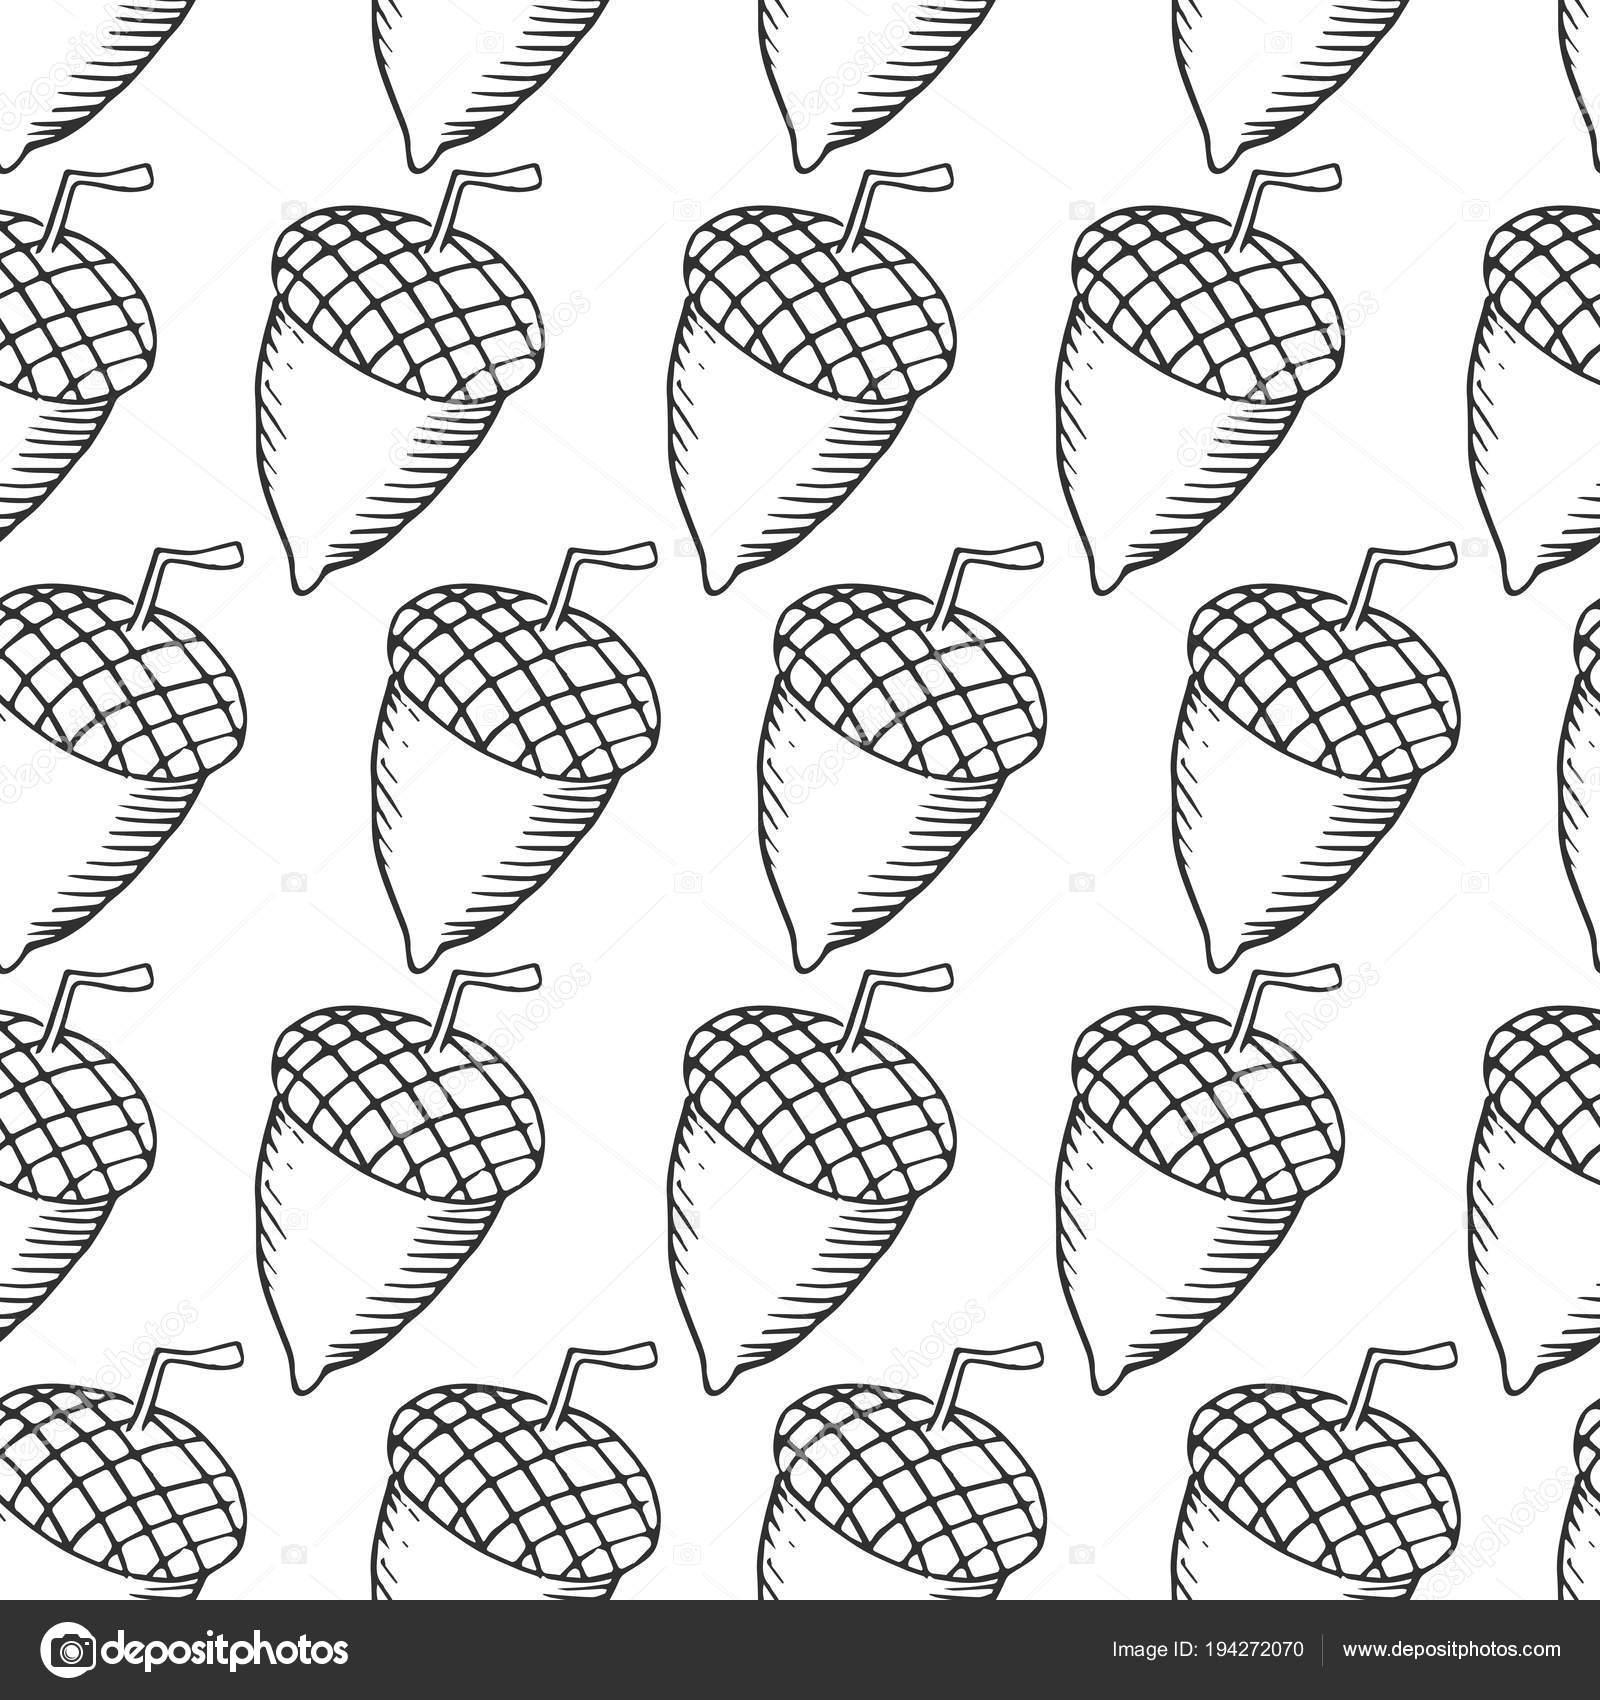 Acorn Icon Vector Illustration — Stock Vector © F-dor #194272070